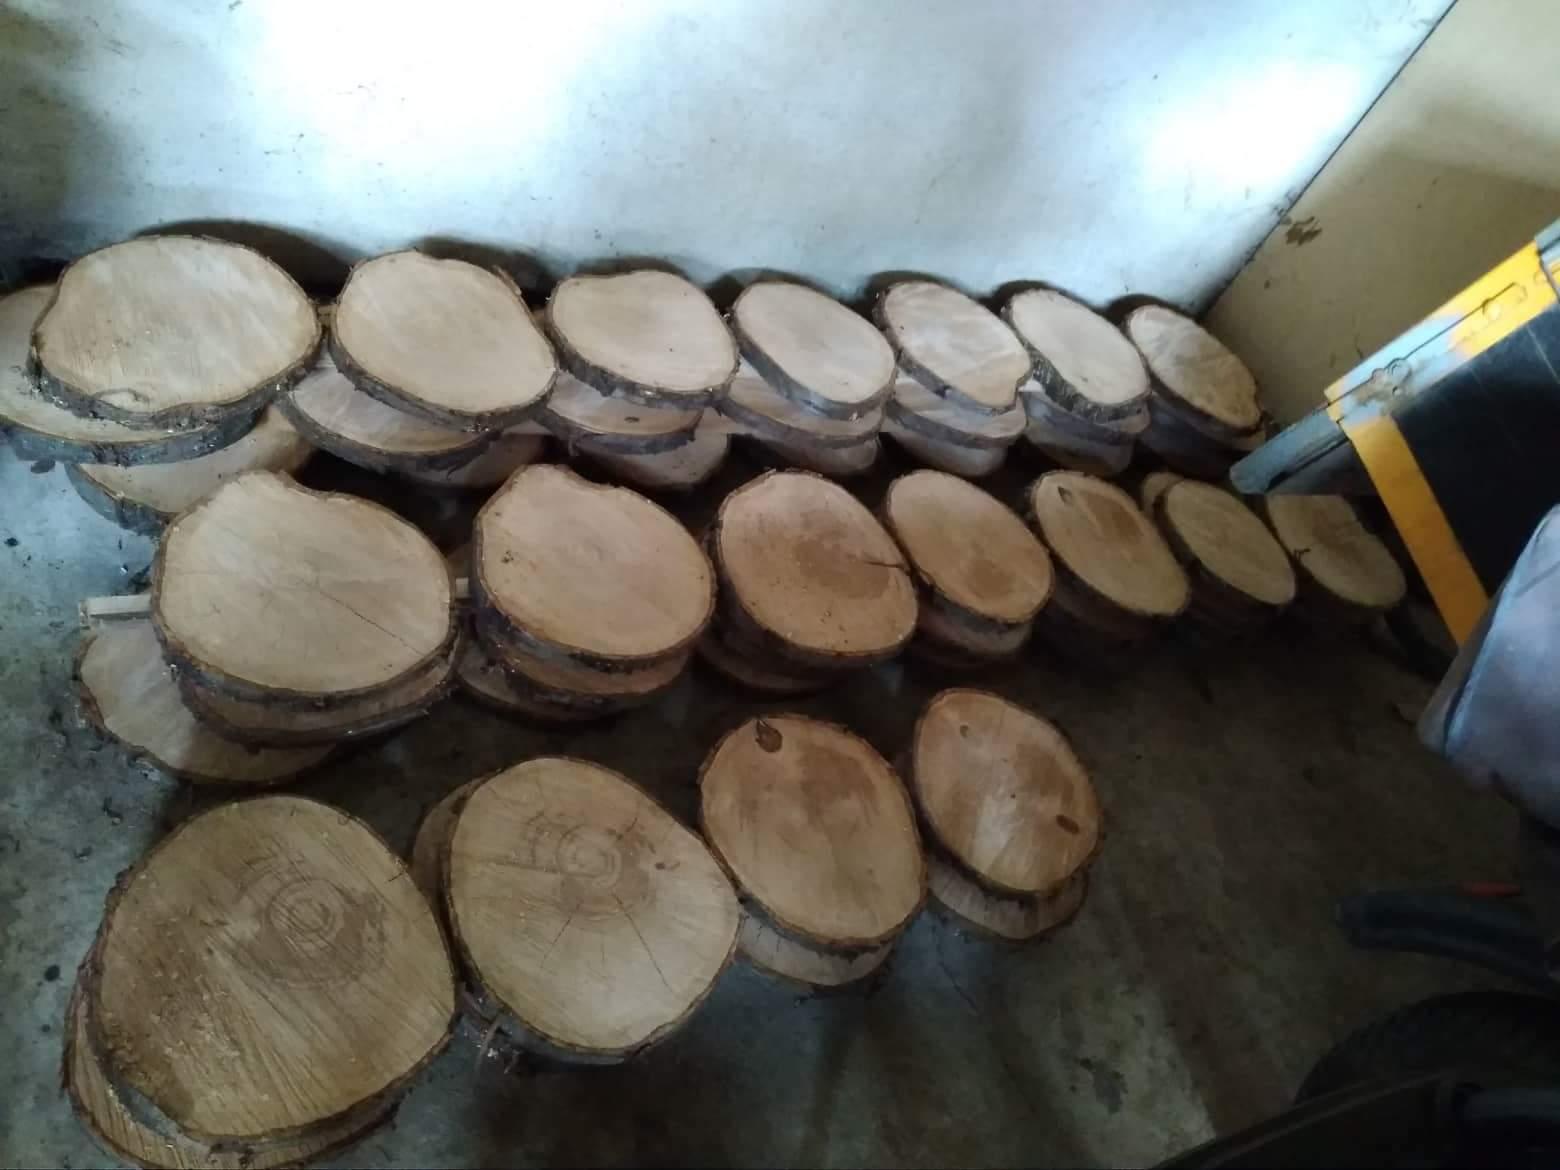 Čo už máme 🤗 - Pod každý tanier pôjde drevený podnos ešte obrusit a prejsť jemne lakom